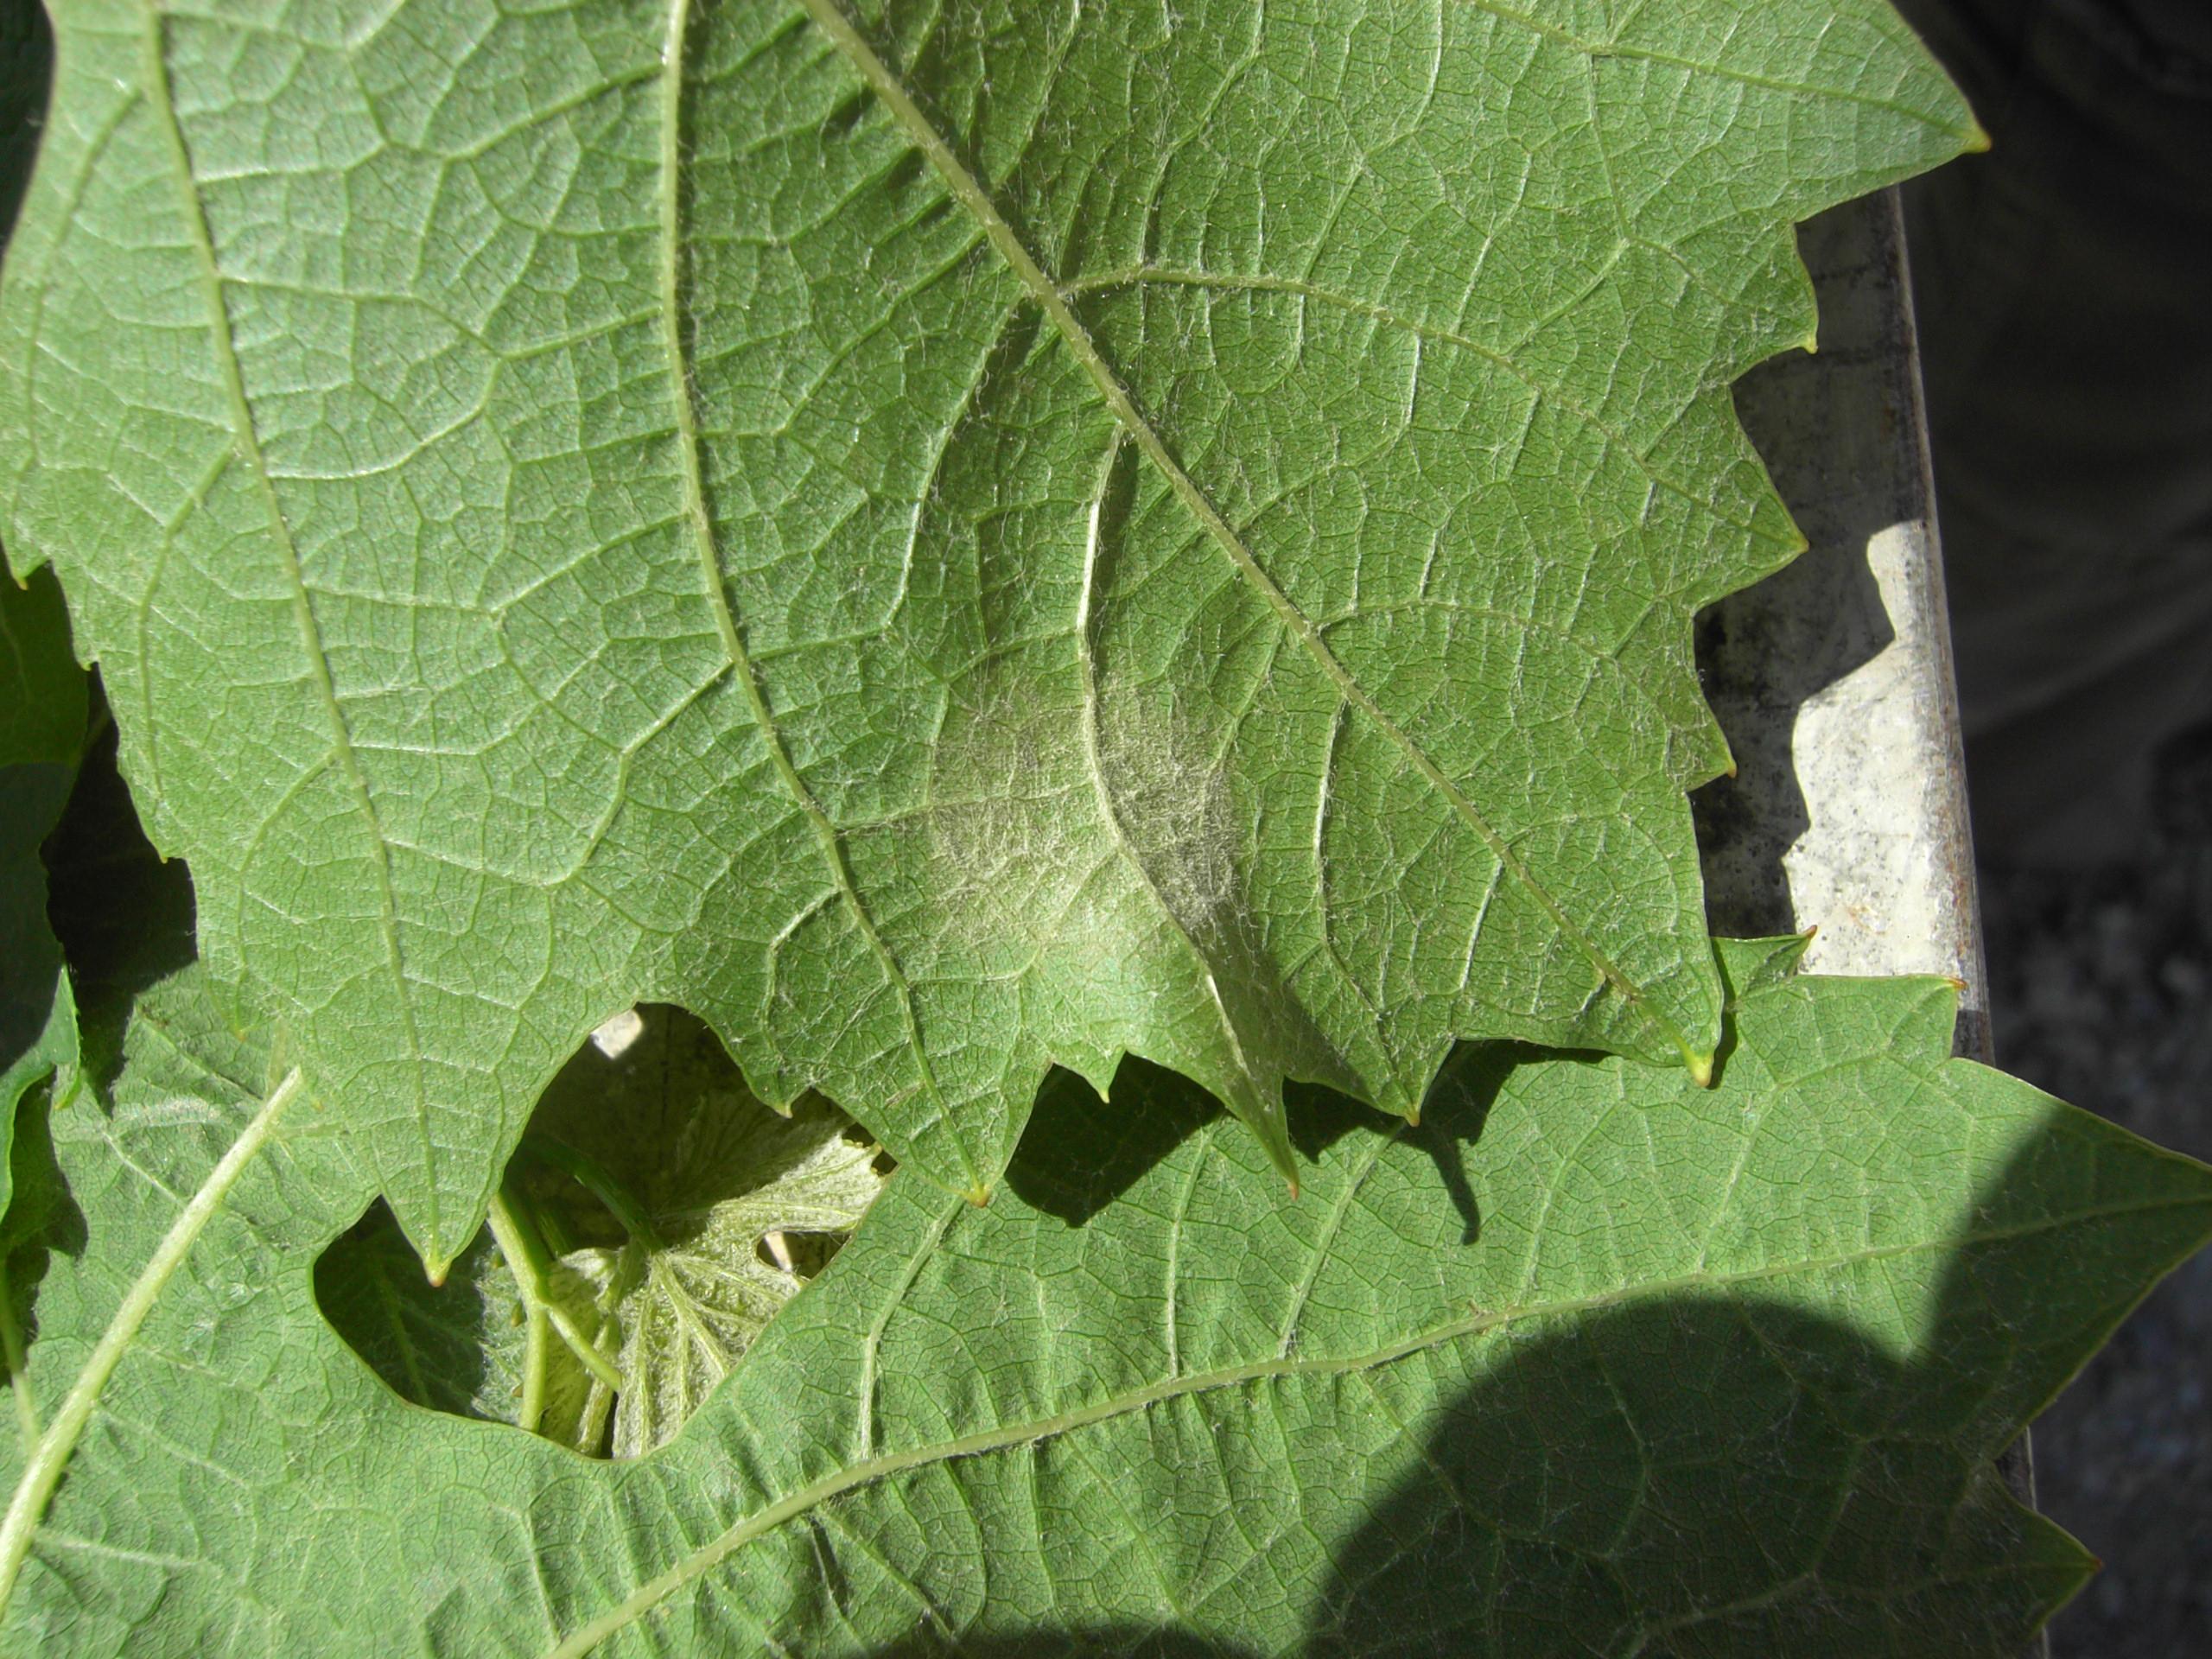 Le risque o dium mod lis pour la vigne - Parasite de la vigne ...